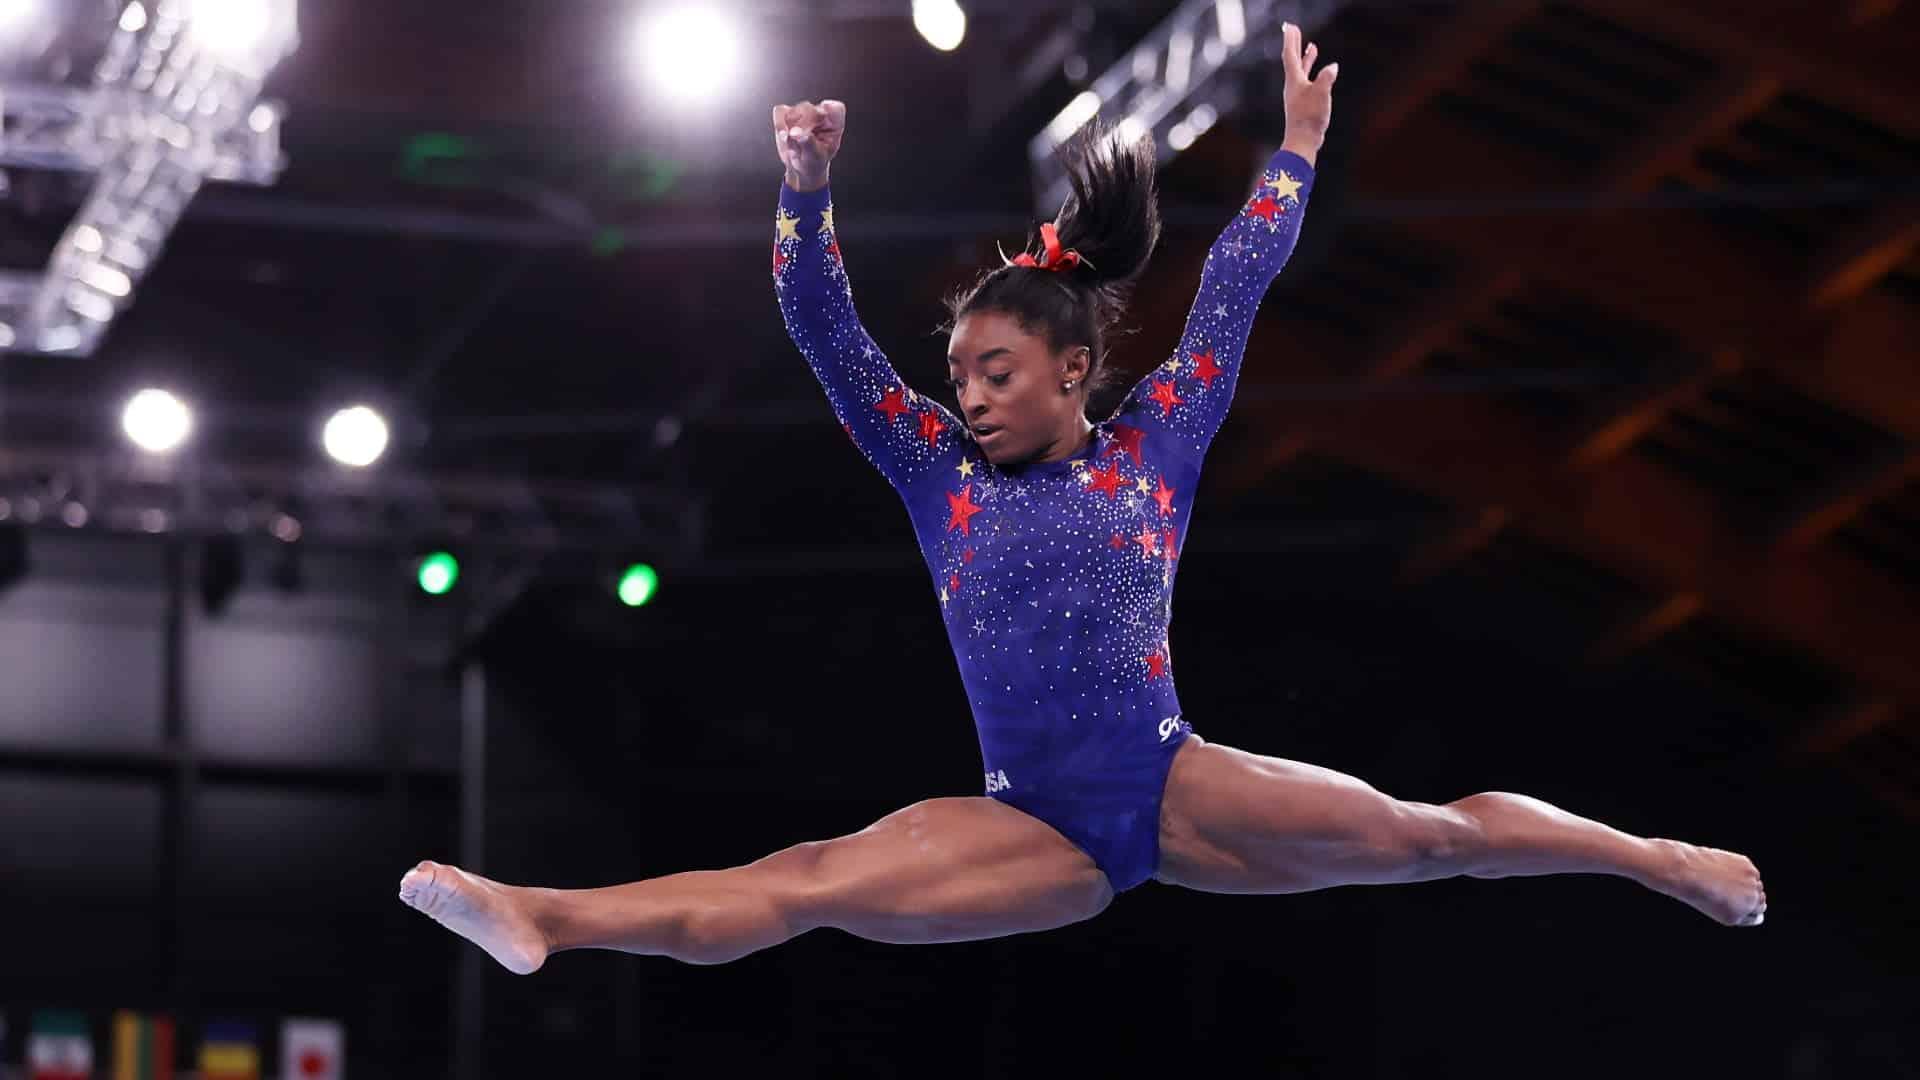 Resultados de gimnasia olimpica de EE UU resultados actualizados